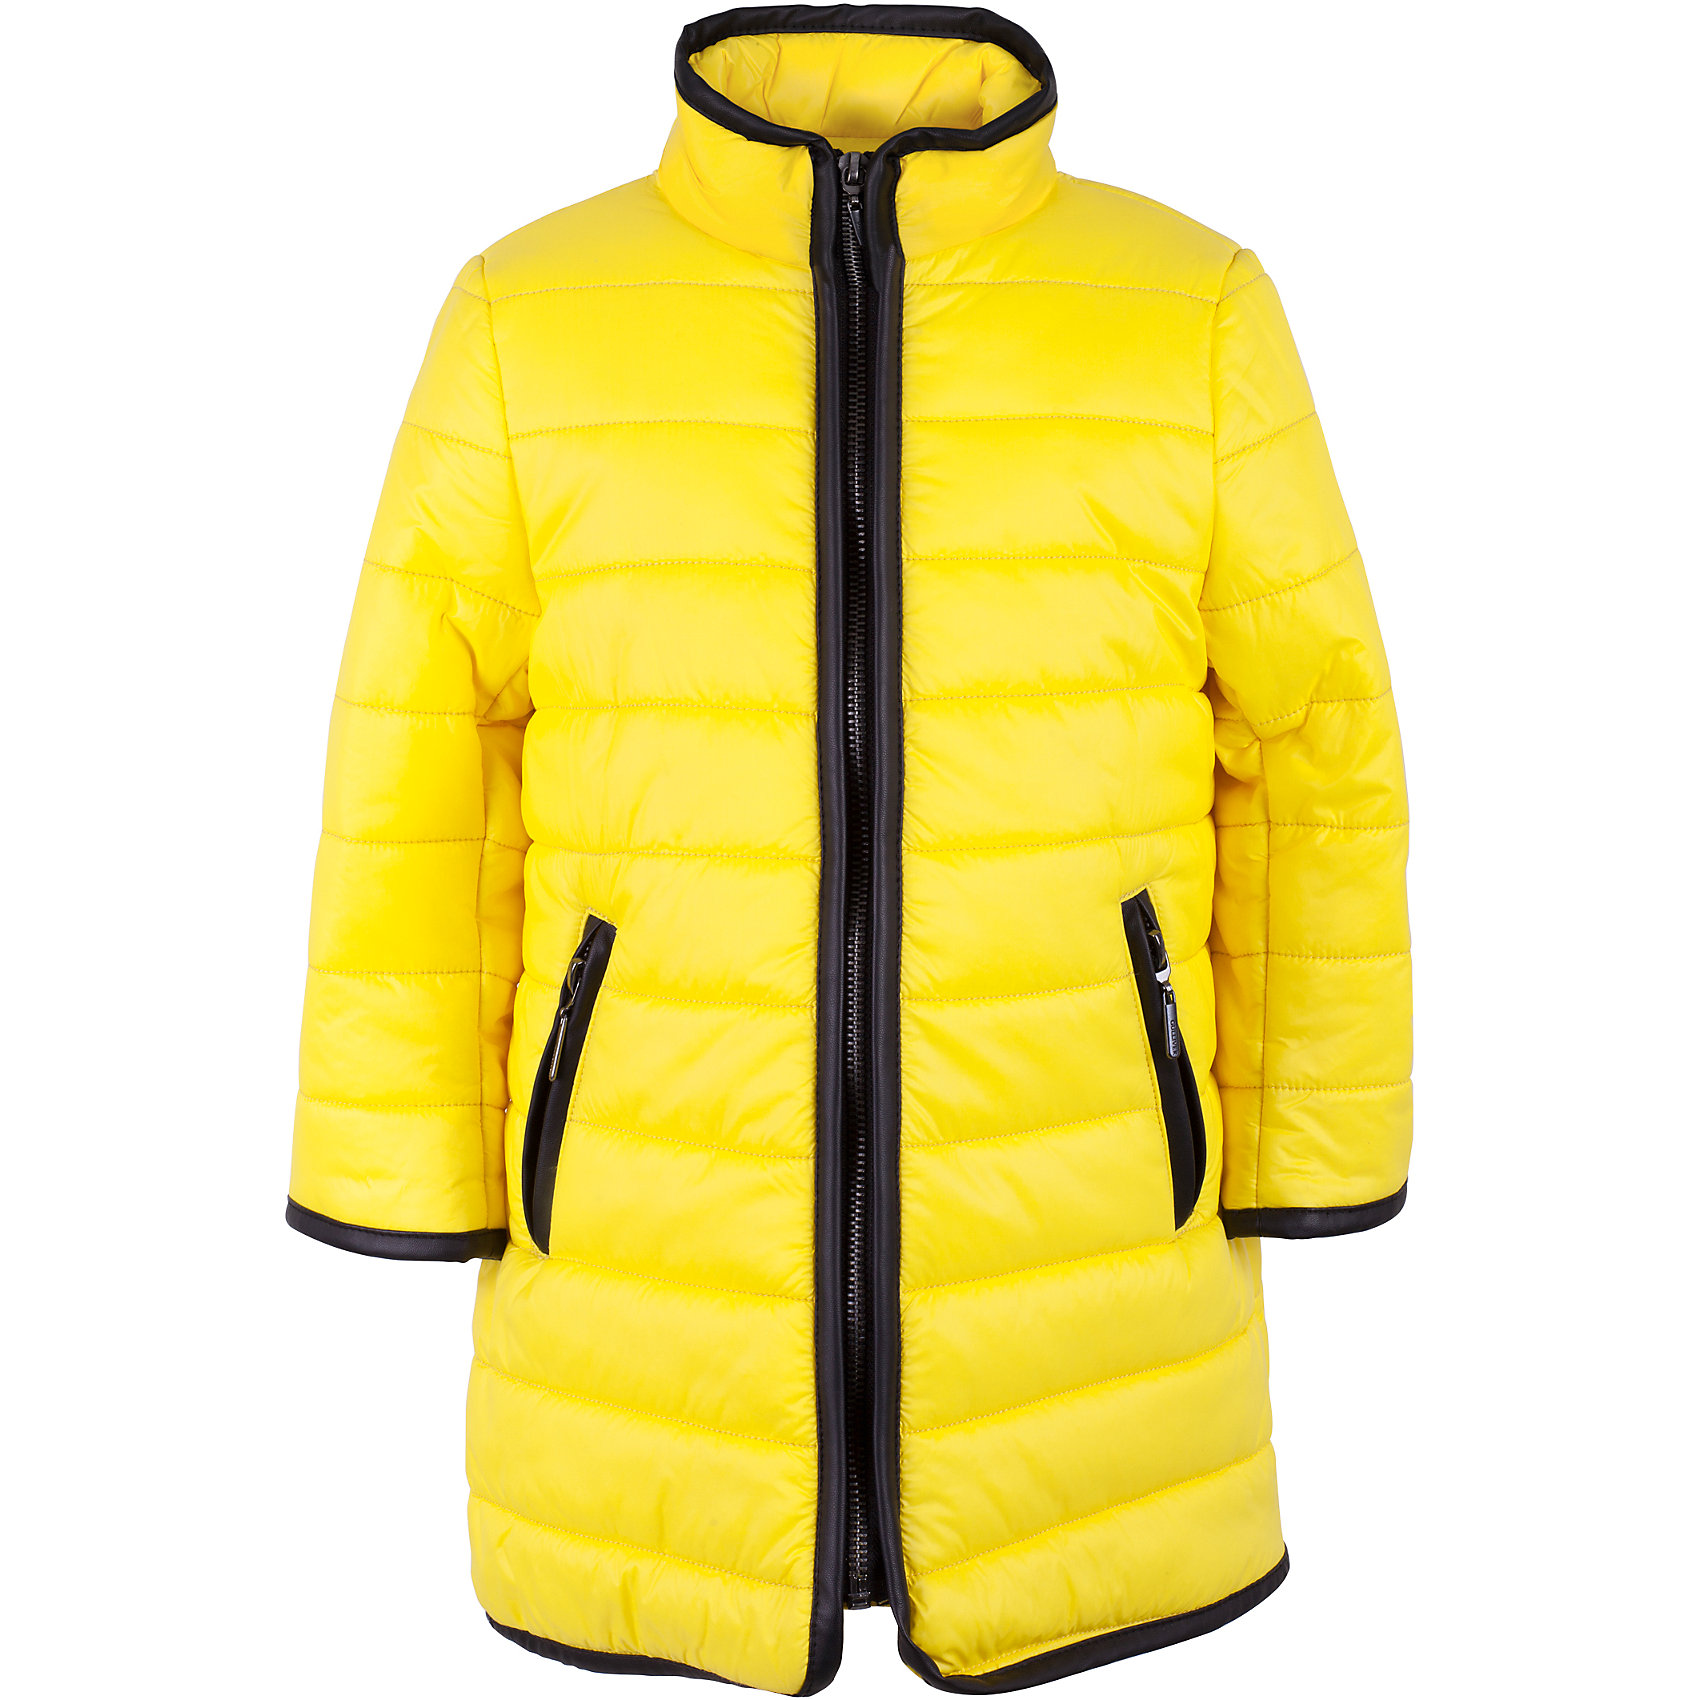 Пальто для девочки GulliverВерхняя одежда<br>Характеристики товара:<br><br>• цвет: жёлтый<br>• материал: 100% полиэстер<br>• подкладка: 50% хлопок 50% полиэстер<br>• утеплитель: 100% полиэстер 100 г/кв.м<br>• температурный режим: от +5°С до +15°С<br>• водоотталкивающая плащёвка<br>• застёжка: молния<br>• два кармана на молнии по бокам<br>• без капюшона<br>• высокий воротник-стойка<br>• сезон: демисезон<br>• страна бренда: Российская Федерация<br>• страна производства: Китай<br><br>Утеплённое пальто для девочки из коллекции Ромашки от бренда Гулливер. Пальто яркого жёлтого цвета с контрастной чёрной отделкой. Подкладка из мягкого трикотажа. Пальто отлично защити от ветра и непогоды в межсезонье.<br><br>Пальто для девочки от известного бренда Gulliver можно купить в нашем интернет-магазине.<br><br>Ширина мм: 356<br>Глубина мм: 10<br>Высота мм: 245<br>Вес г: 519<br>Цвет: желтый<br>Возраст от месяцев: 24<br>Возраст до месяцев: 36<br>Пол: Женский<br>Возраст: Детский<br>Размер: 98,104,110,116<br>SKU: 5483574